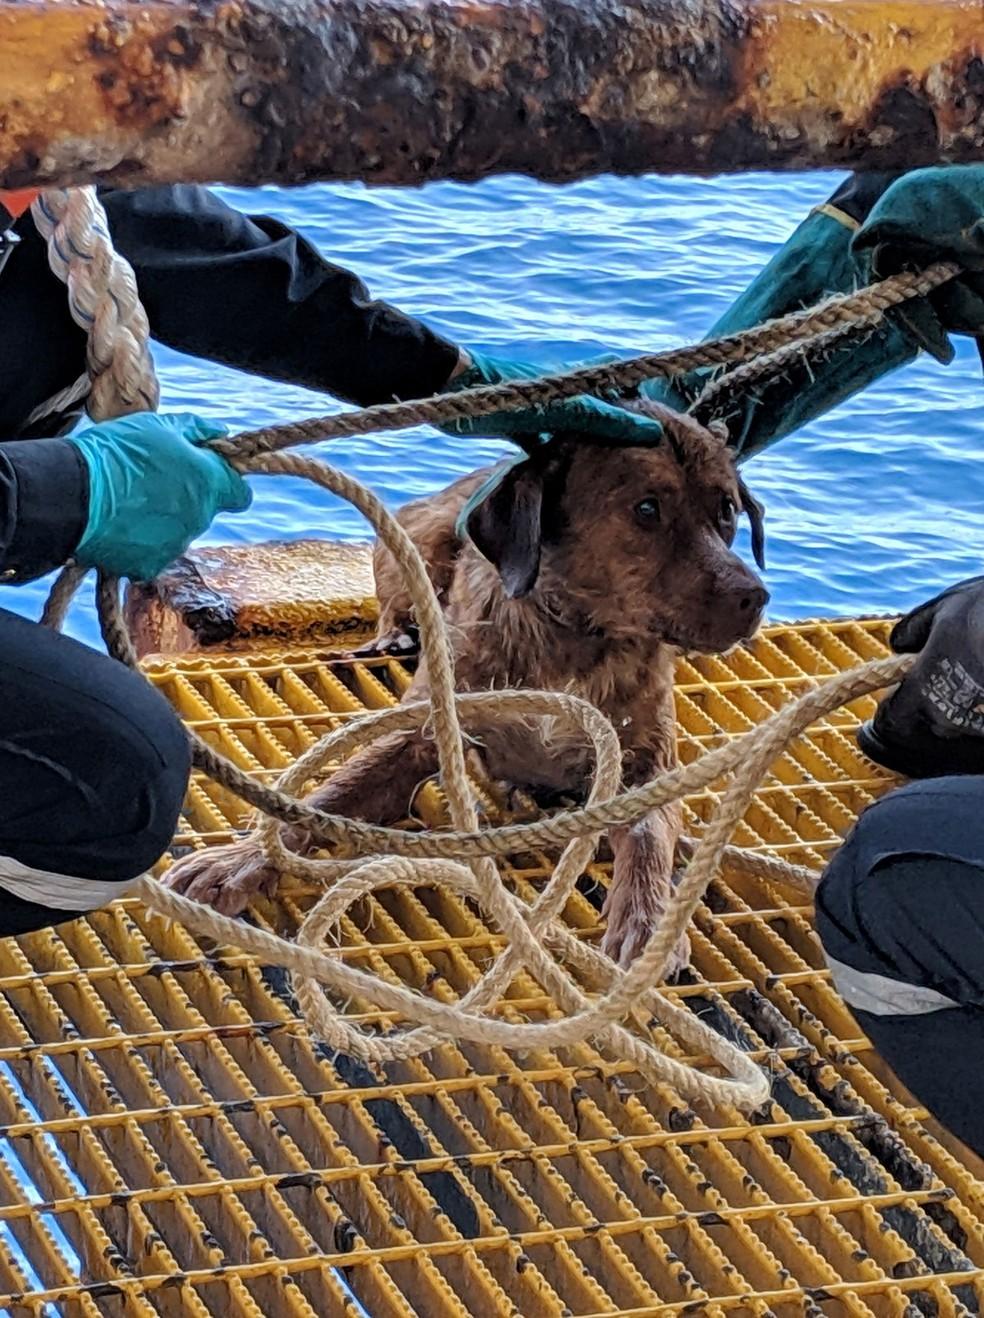 O cão sobrevivente após  o resgate — Foto: FACEBOOK / VITISAK PAYALAW/via REUTERS